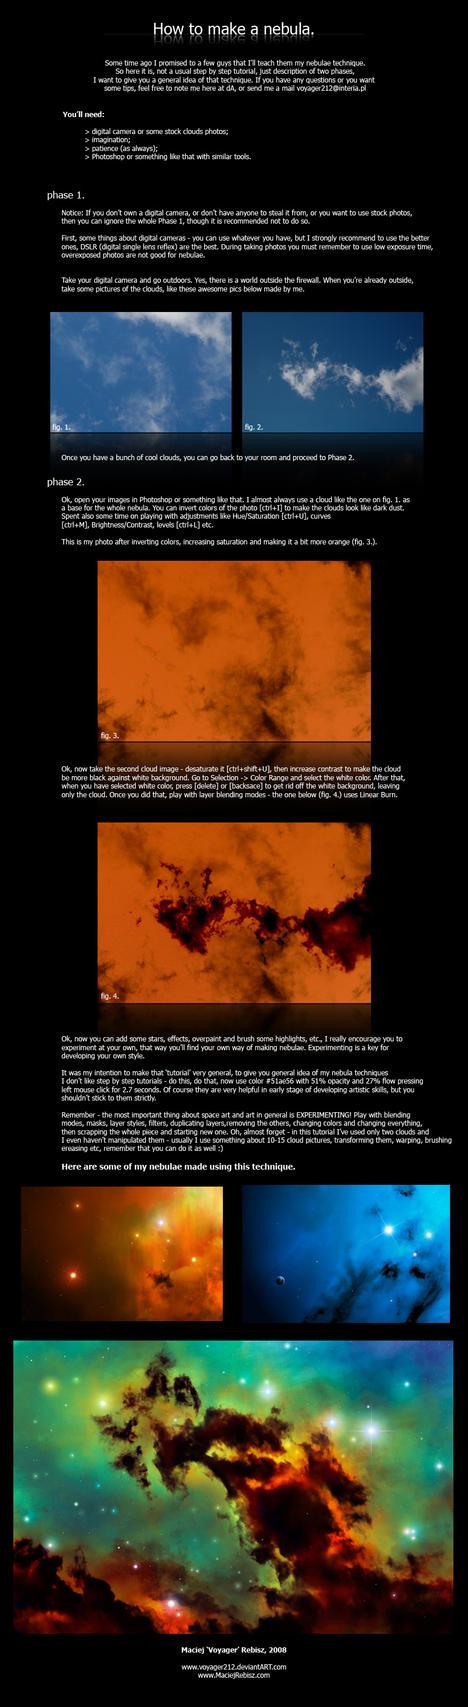 Nebula tutorial. by MacRebisz